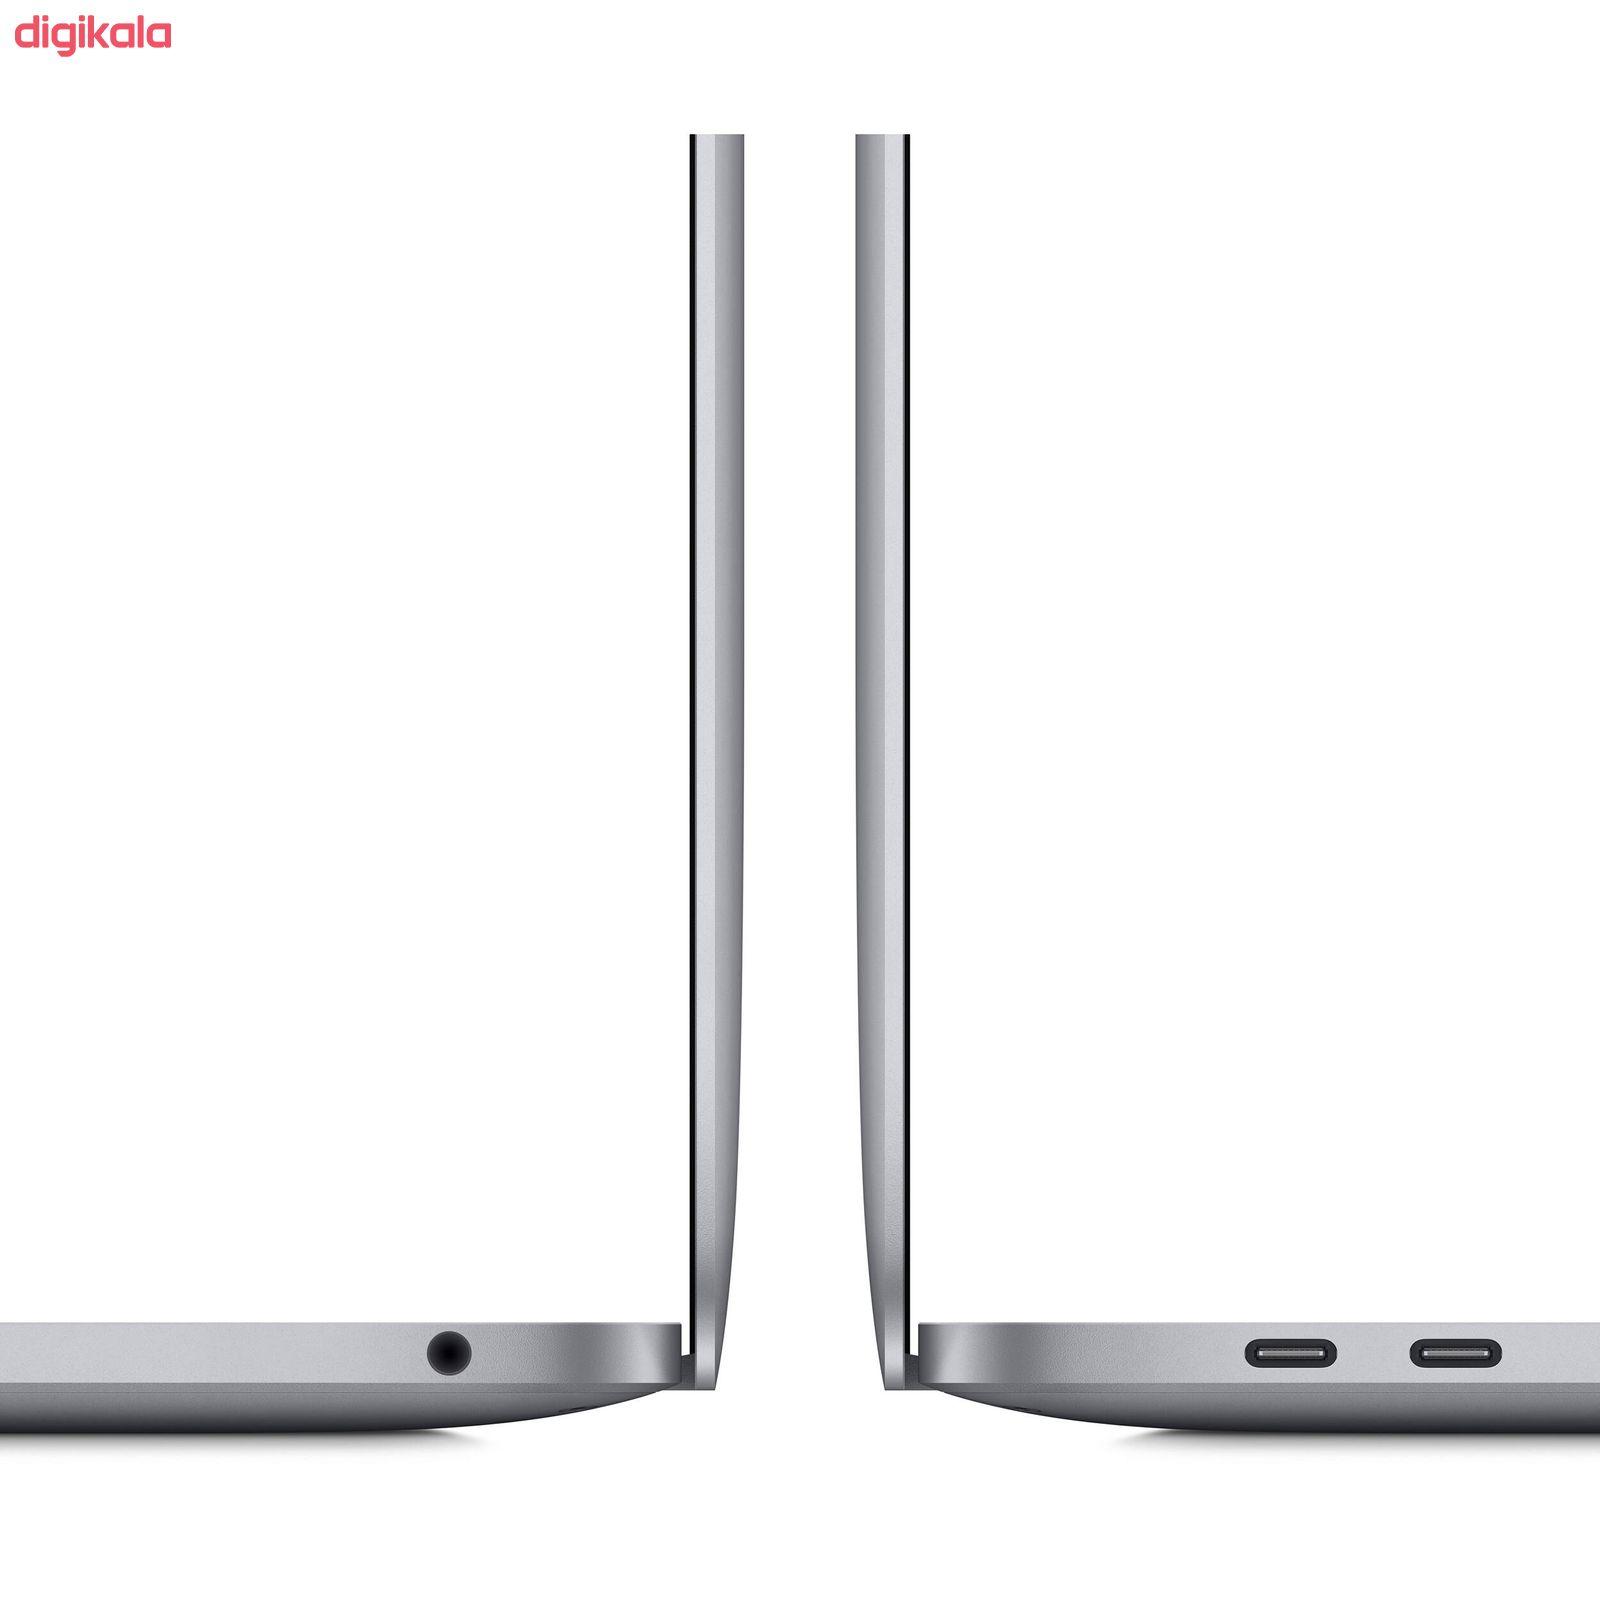 لپ تاپ 13 اینچی اپل مدل MacBook Pro MYD82 2020 همراه با تاچ بار  main 1 4